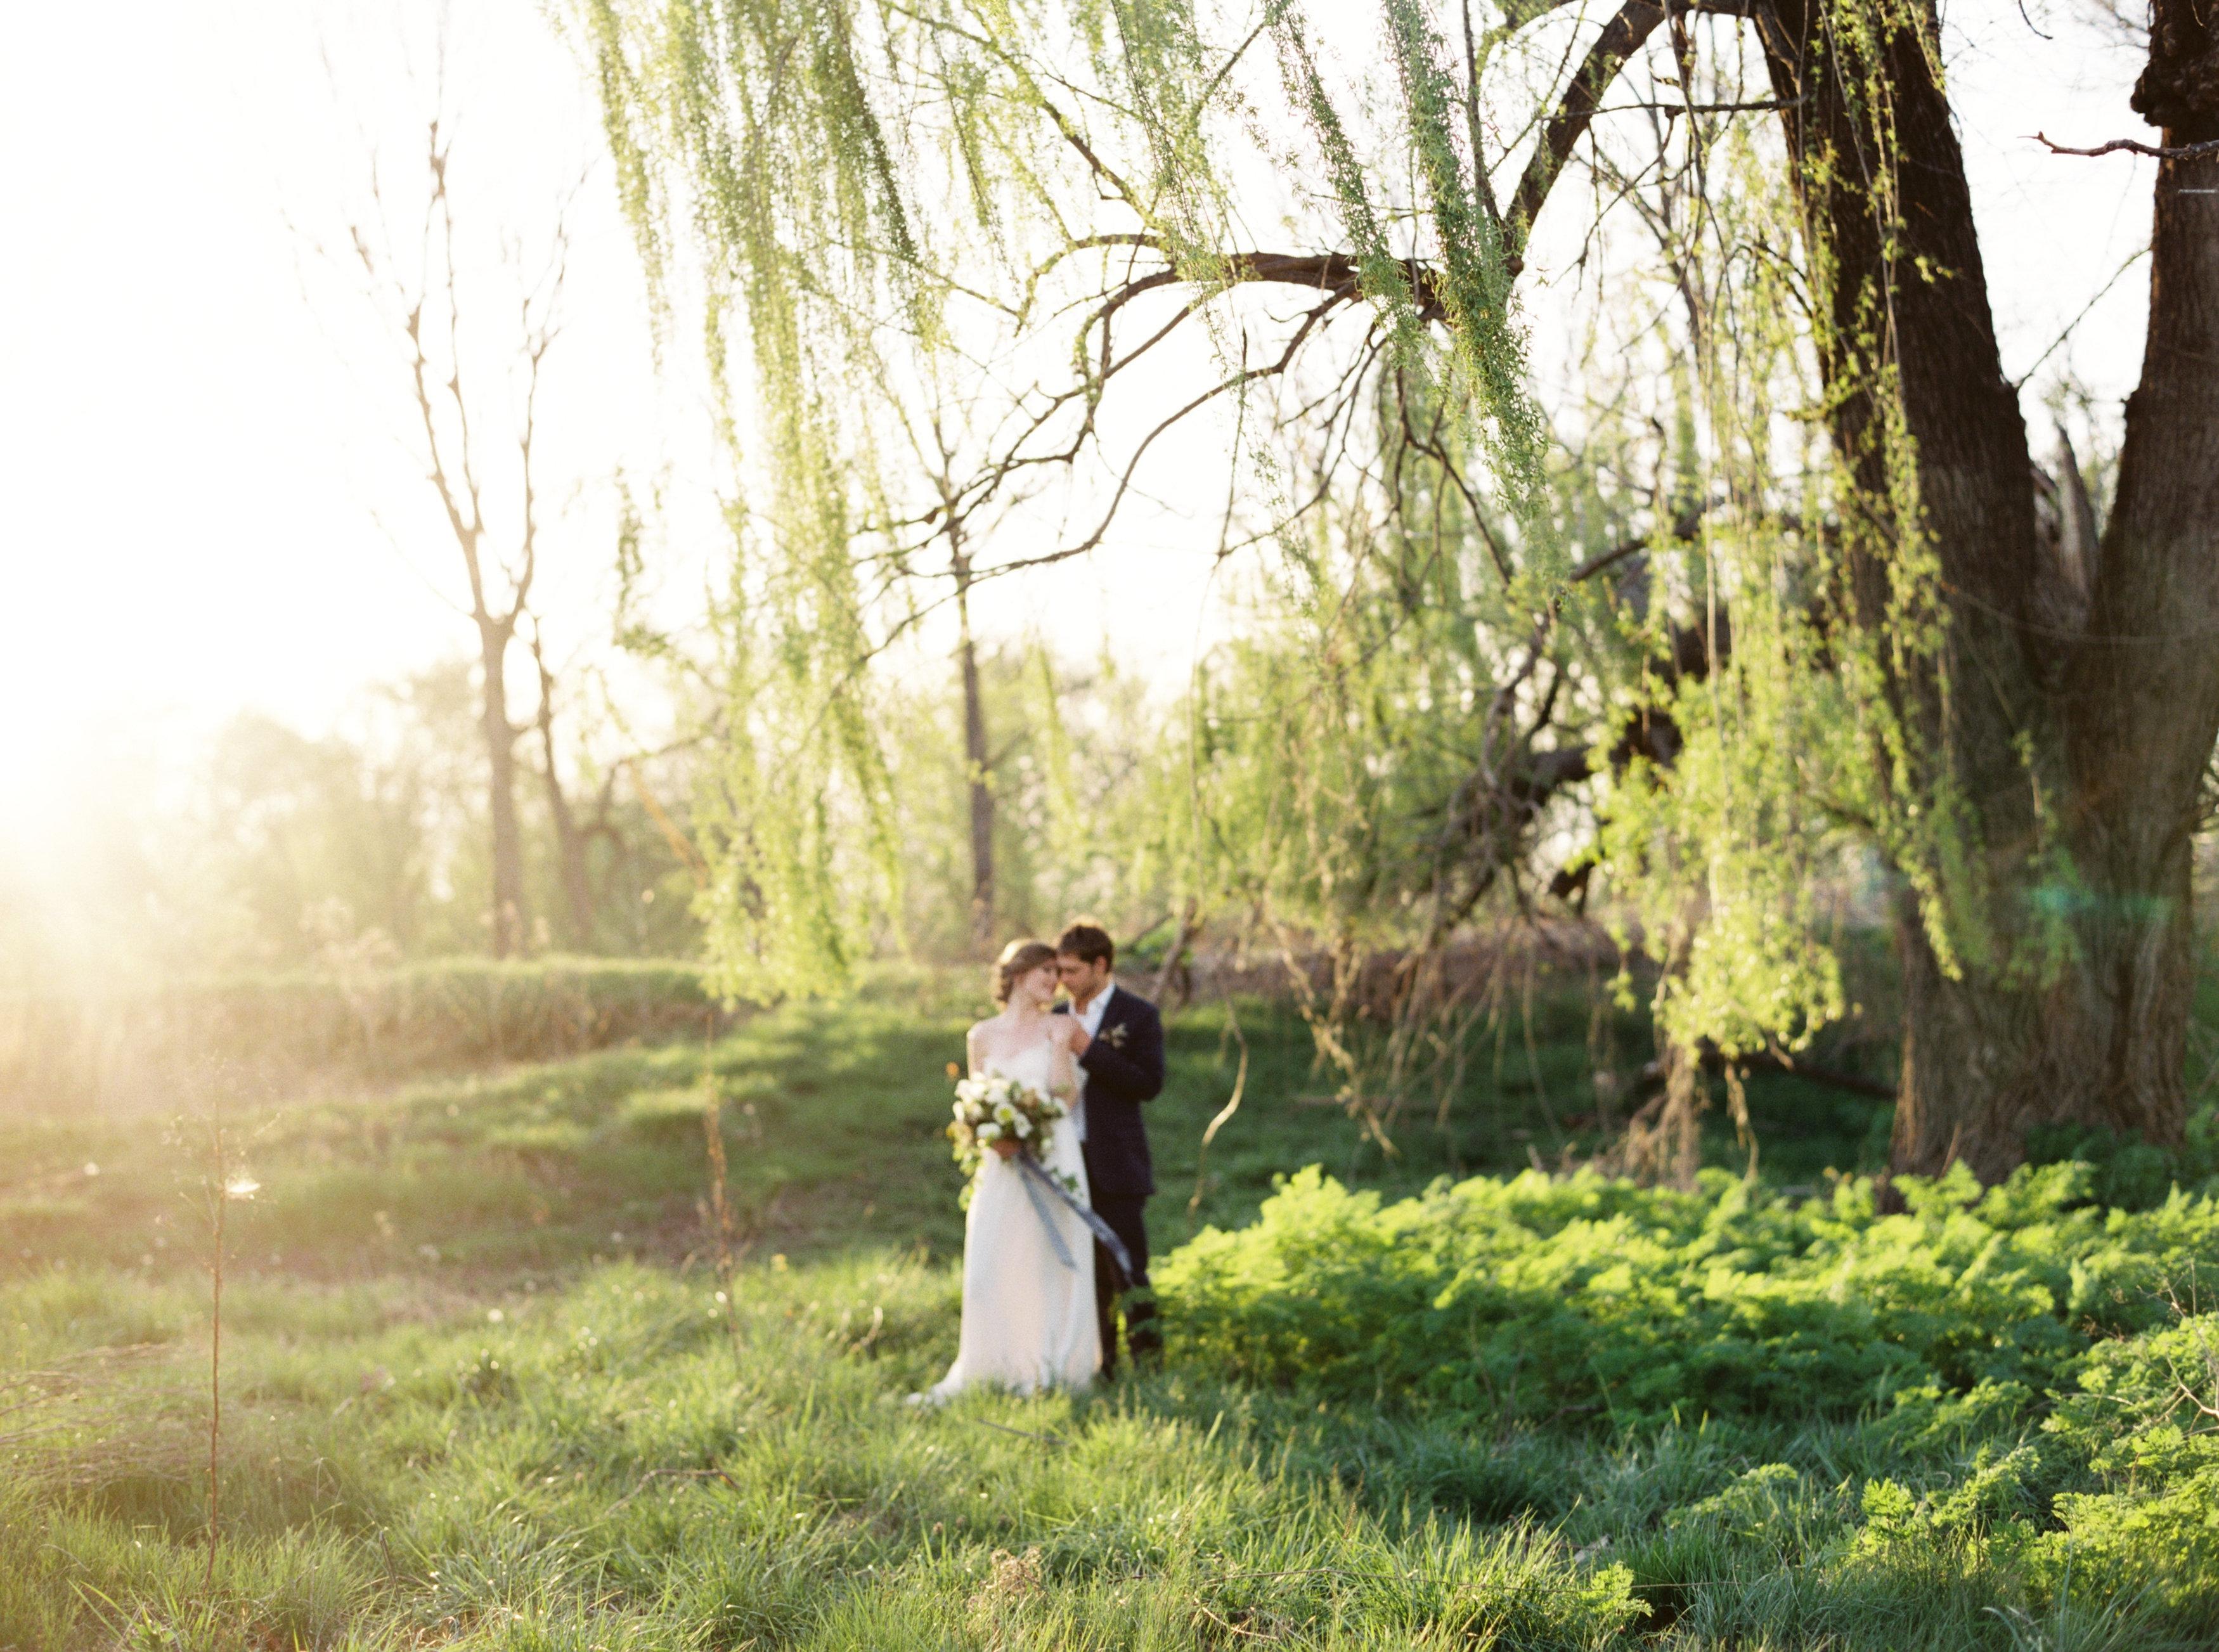 FTLOF2016_Wedding_MatoliKeelyPhotography_131